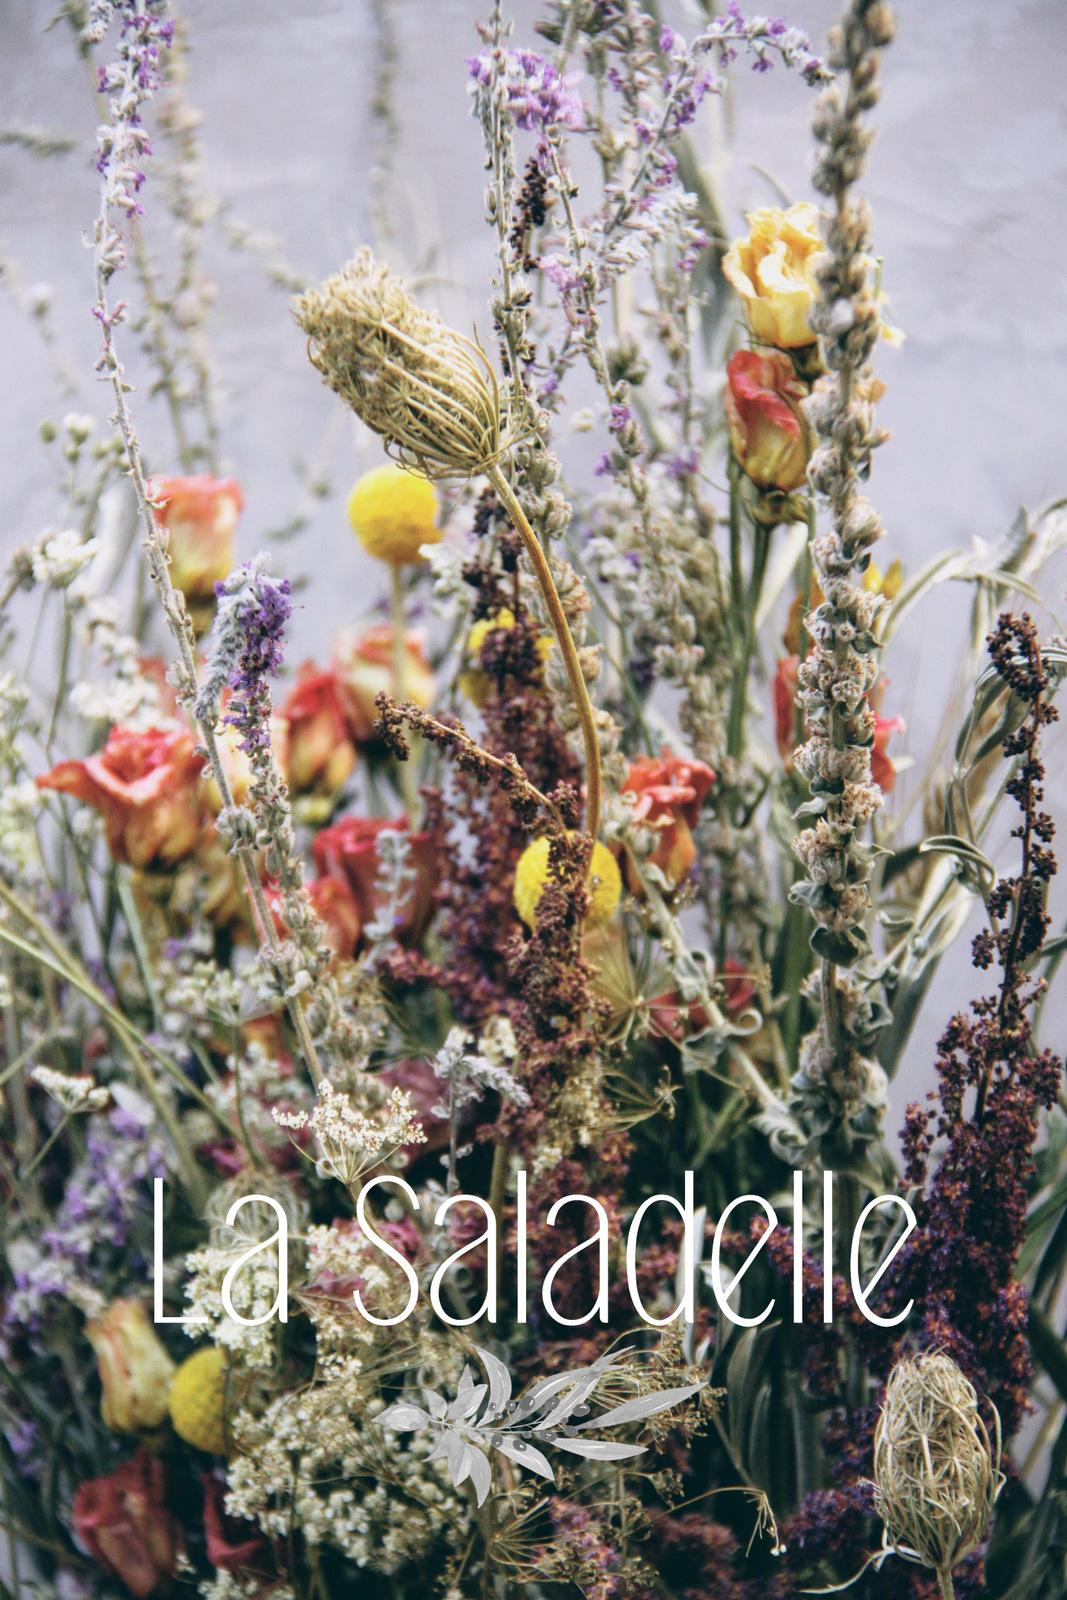 Fleurs séchées #7# - Grand bouquet champêtre - La saladelle